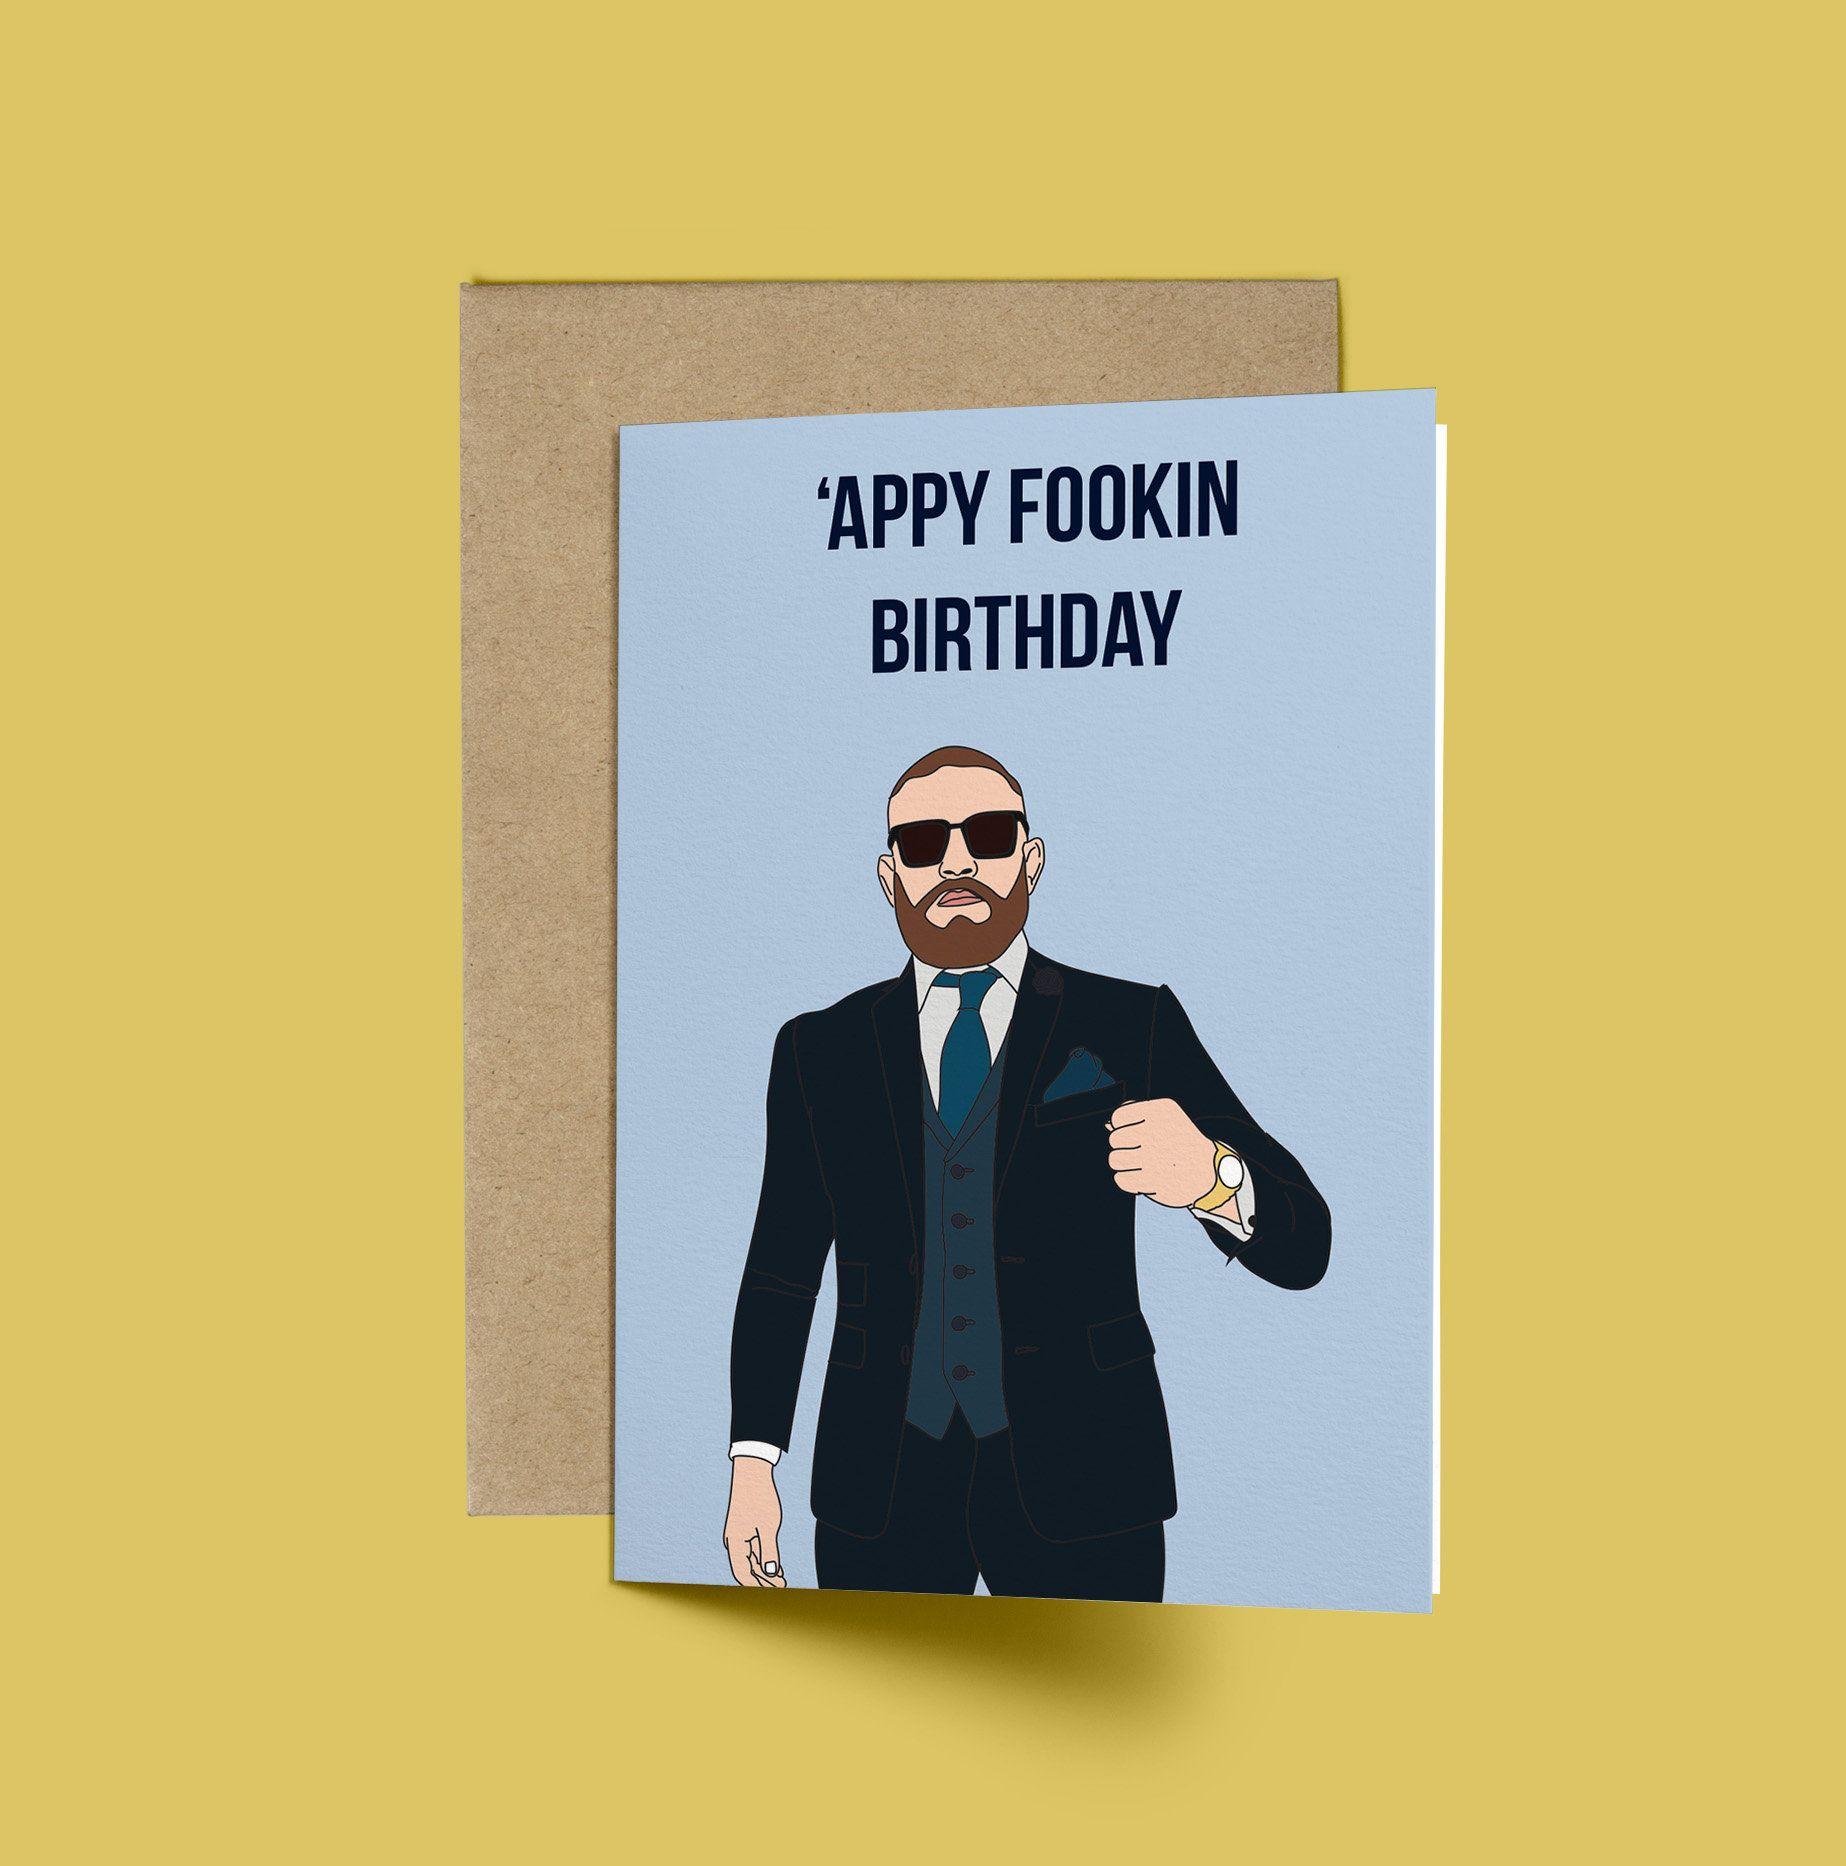 Conor Mcgregor Appy Fookin Birthday Birthday Card Ufc Funny